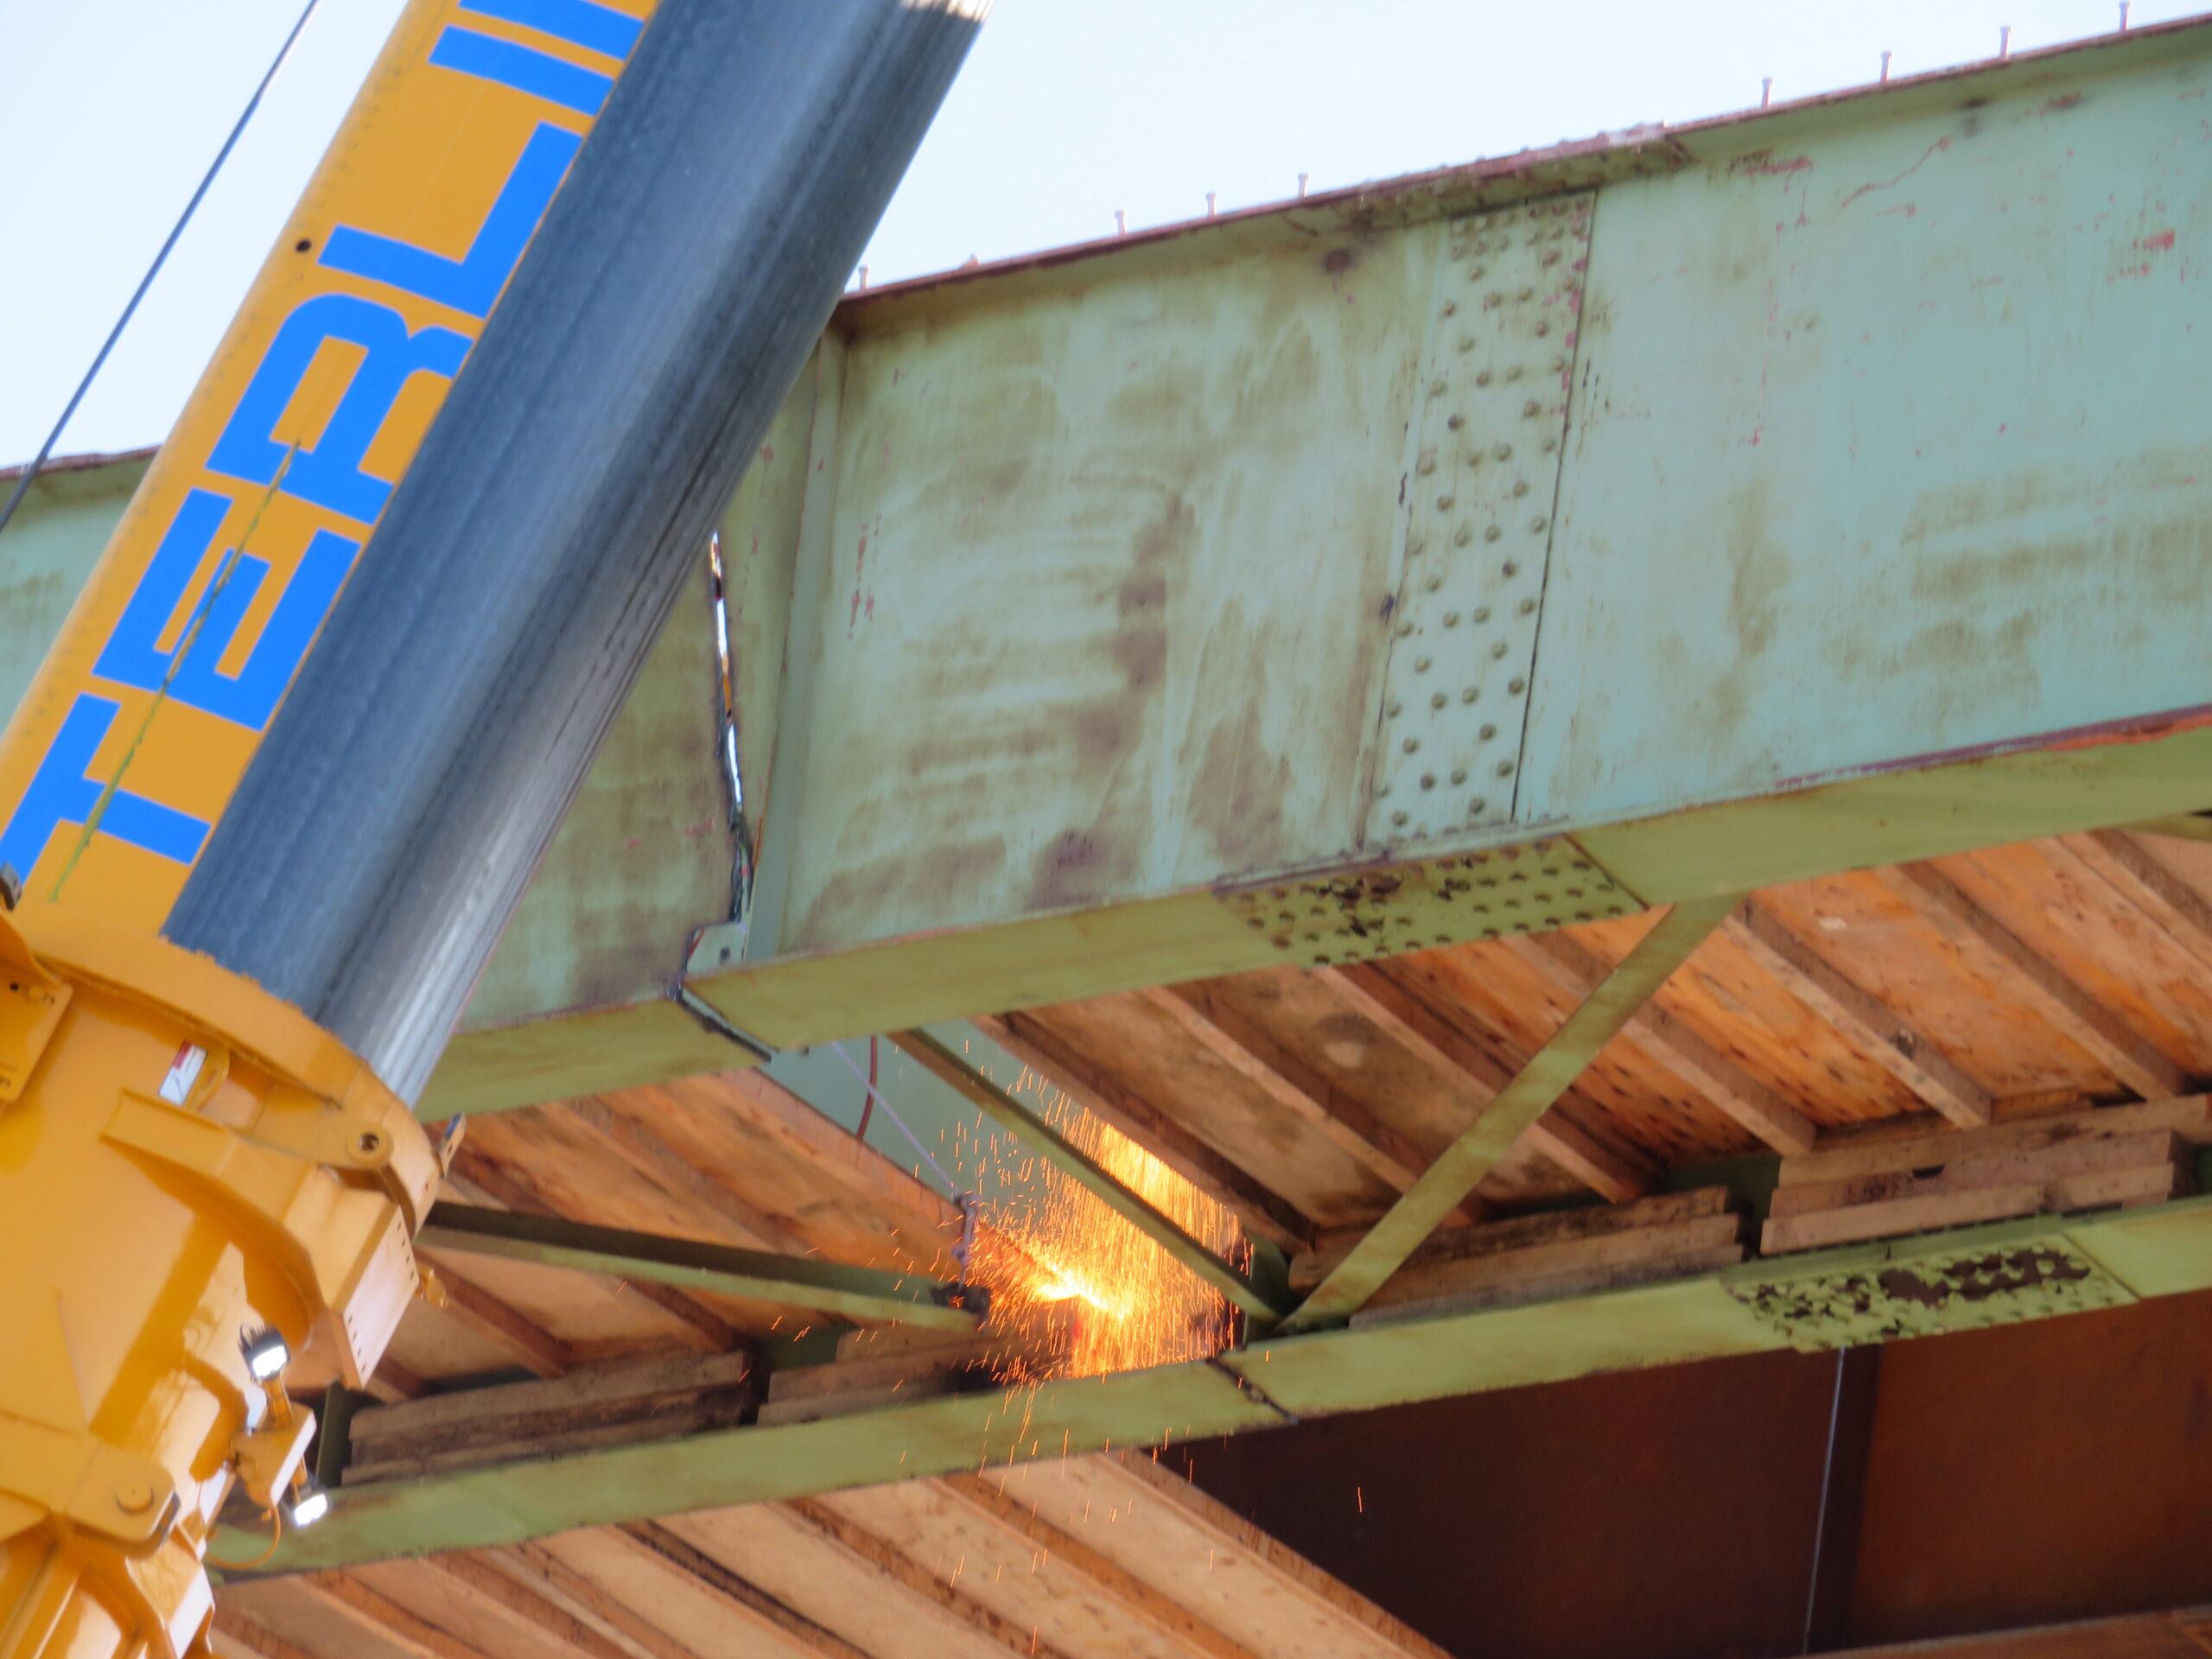 Final cuts on the approach girder